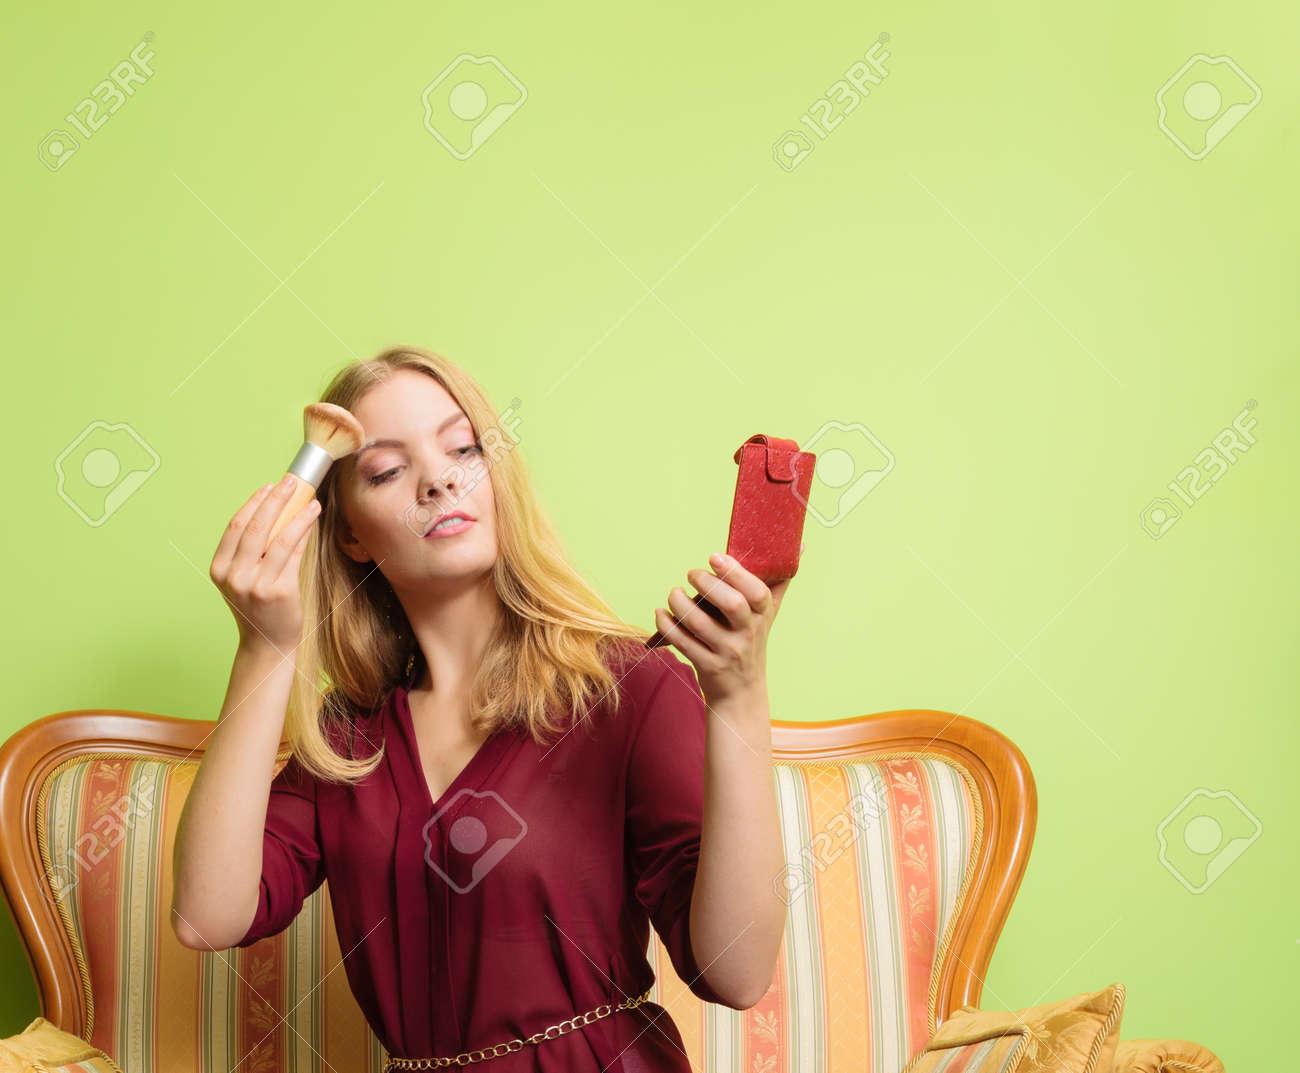 72792114c Foto de archivo - Mujer atractiva joven aplicar maquillaje con pincel de  polvo. Bastante hermosa niña sentada en el sofá sofá retro vintage.